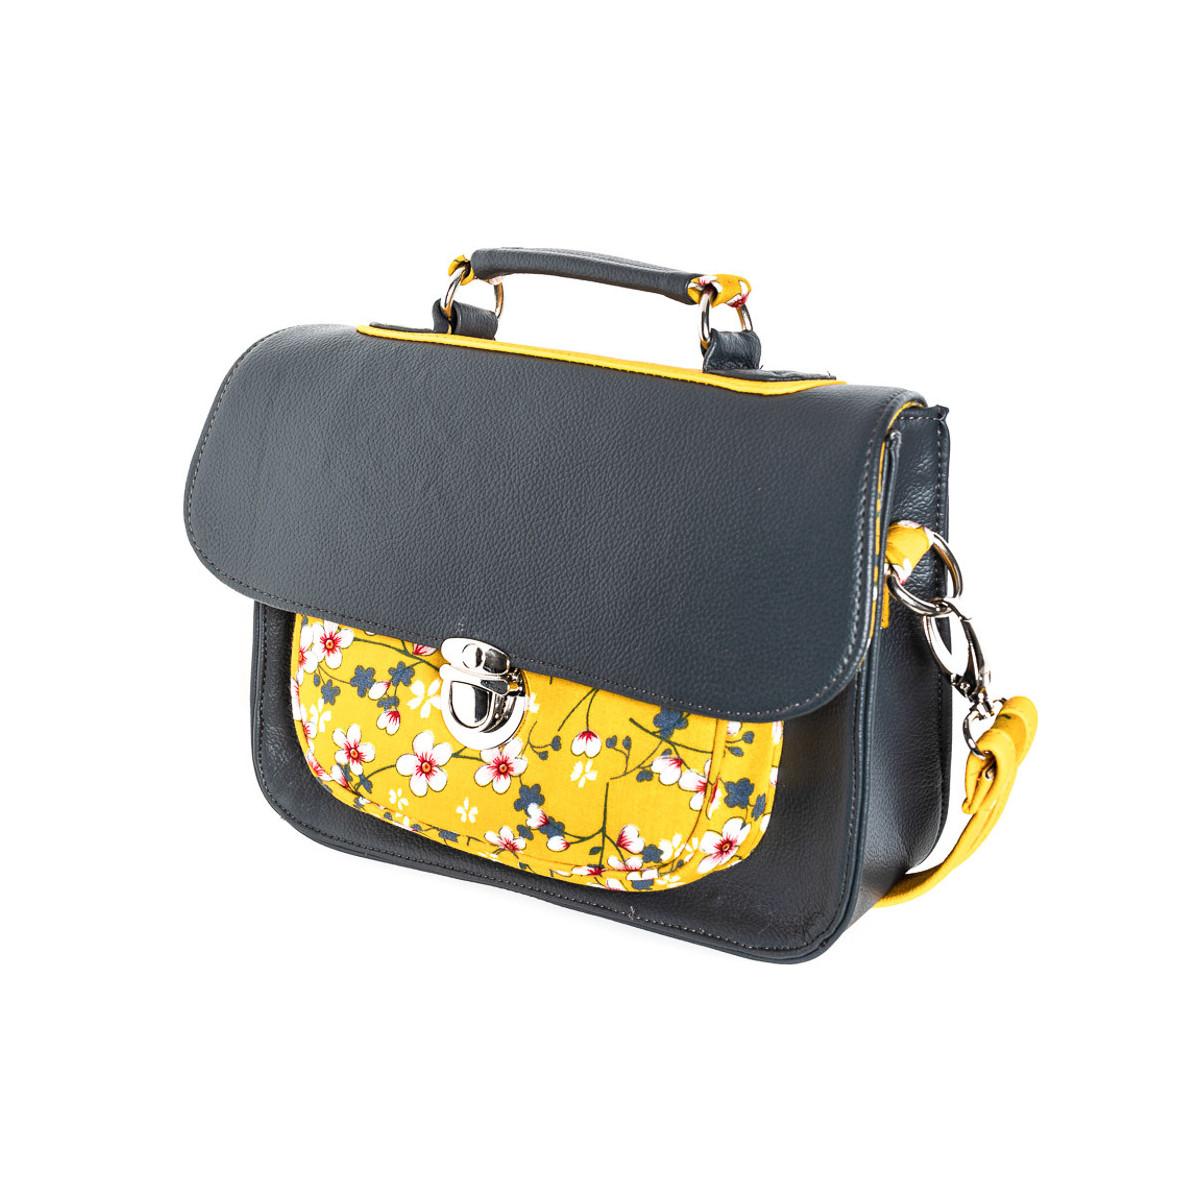 sac-à-main-femme-bandoulière-style-cartable-rétro-gris-et-jaune